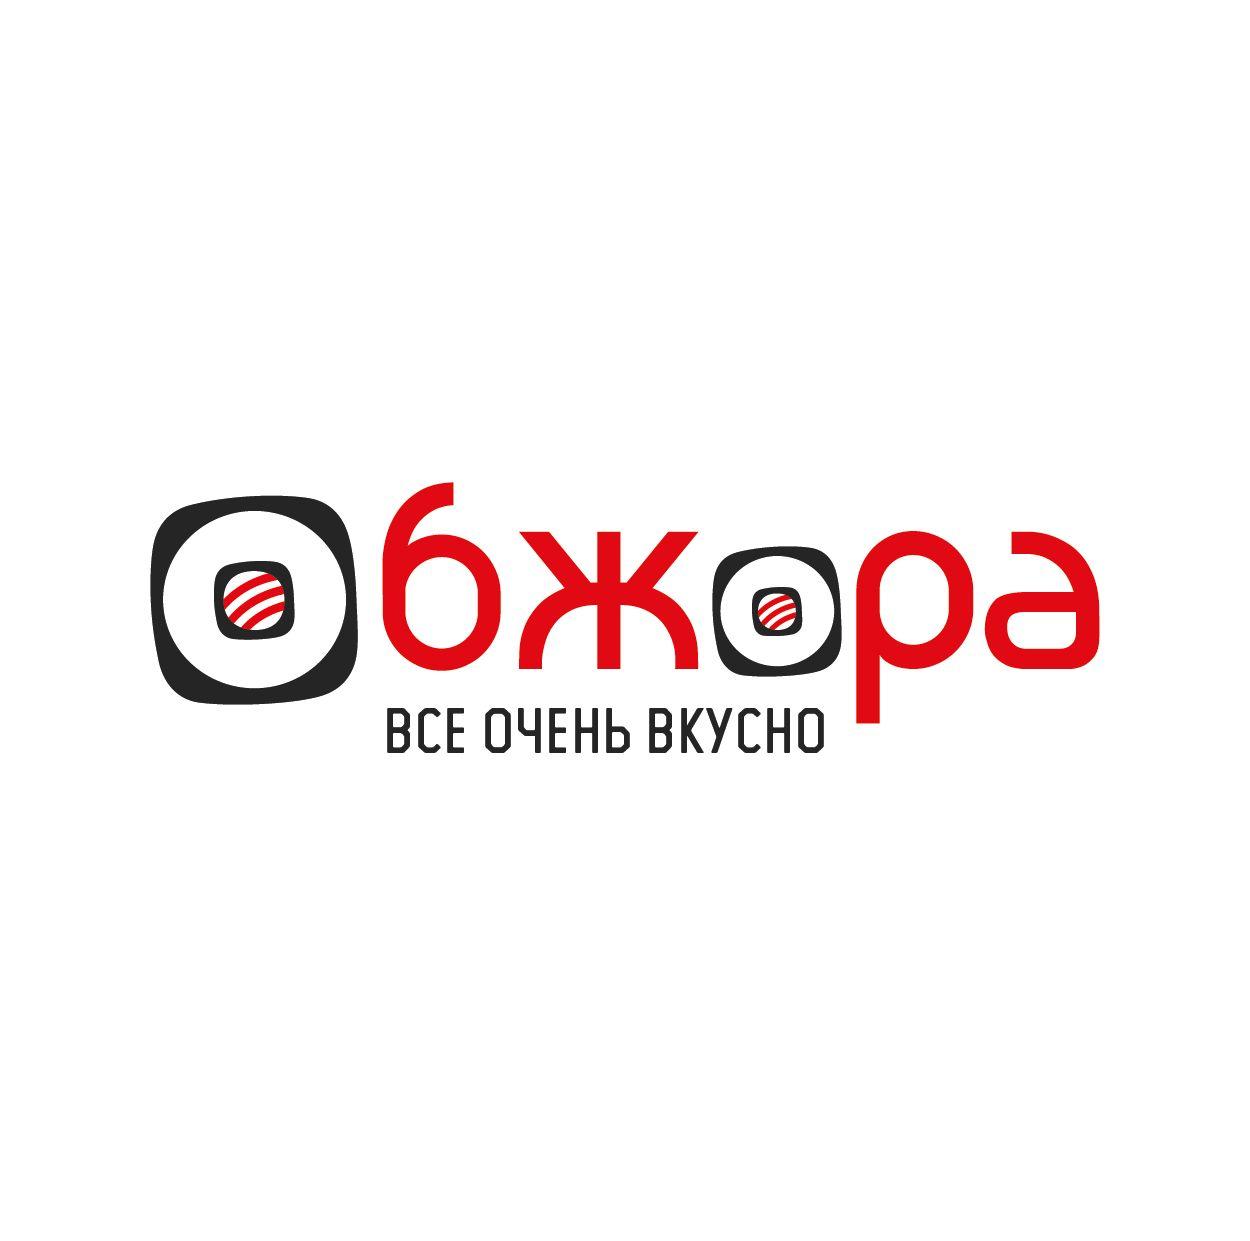 Логотип для суши-точки - дизайнер Dimbildor